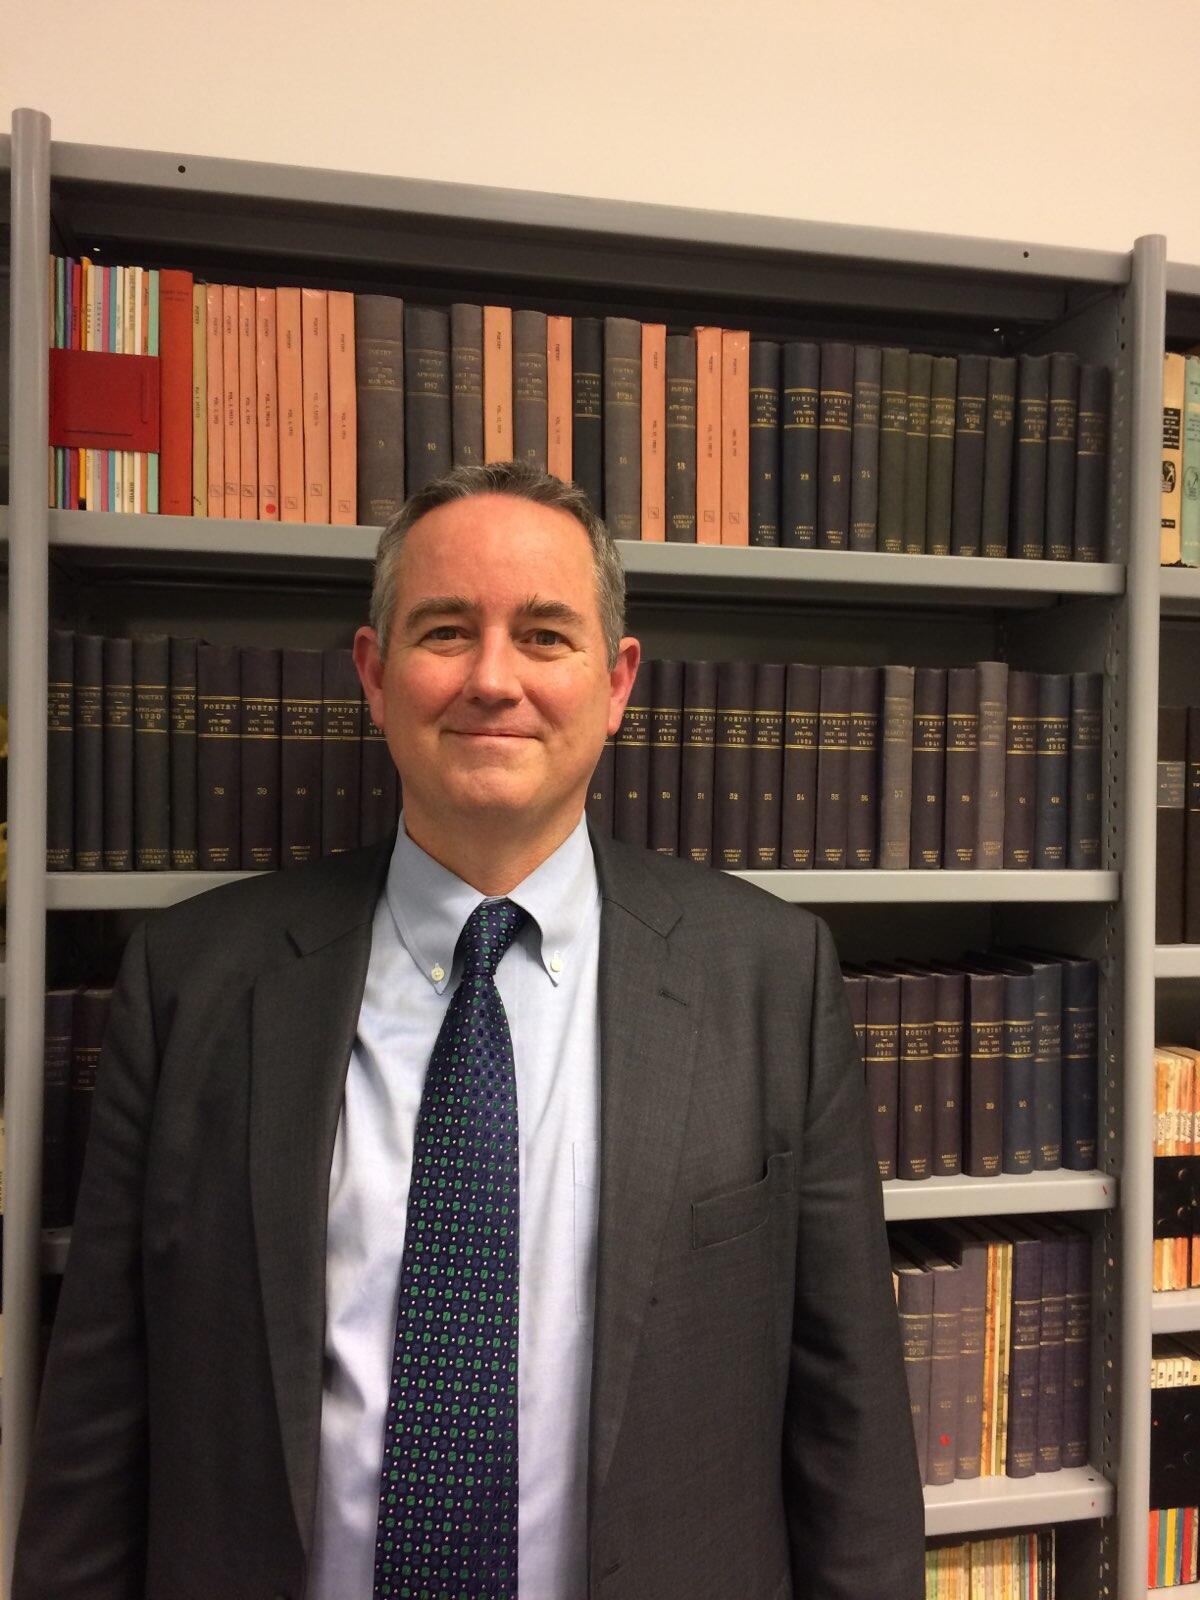 Jeffrey Hawkins à la bibliothèque américaine de Paris.